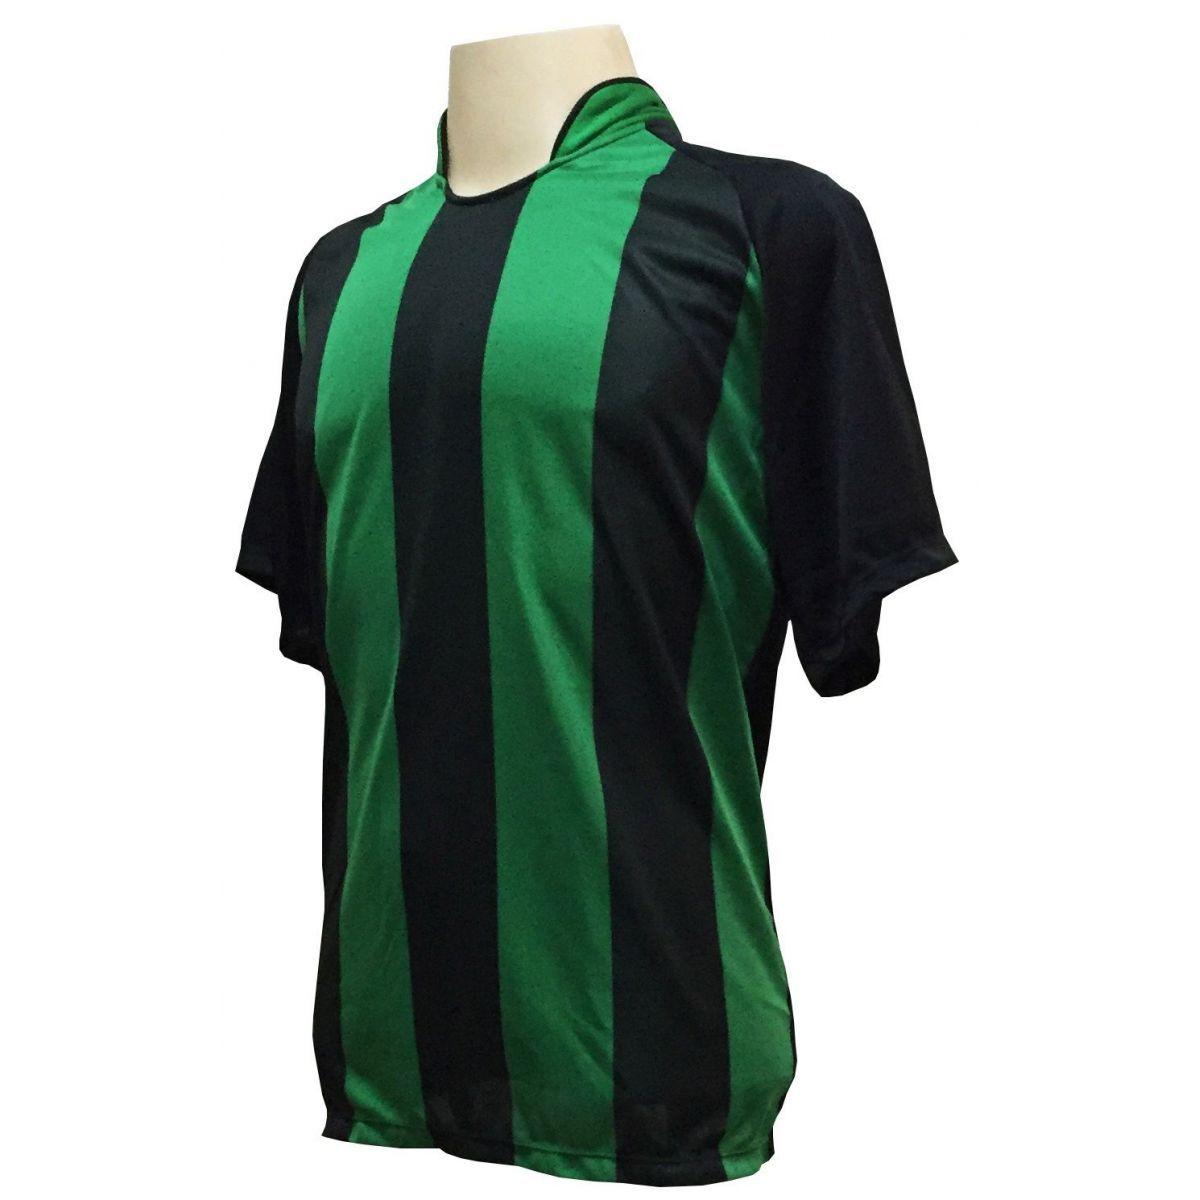 Jogo de Camisa com 12 unidades modelo Milan Preto/Verde + 1 Camisa de Goleiro